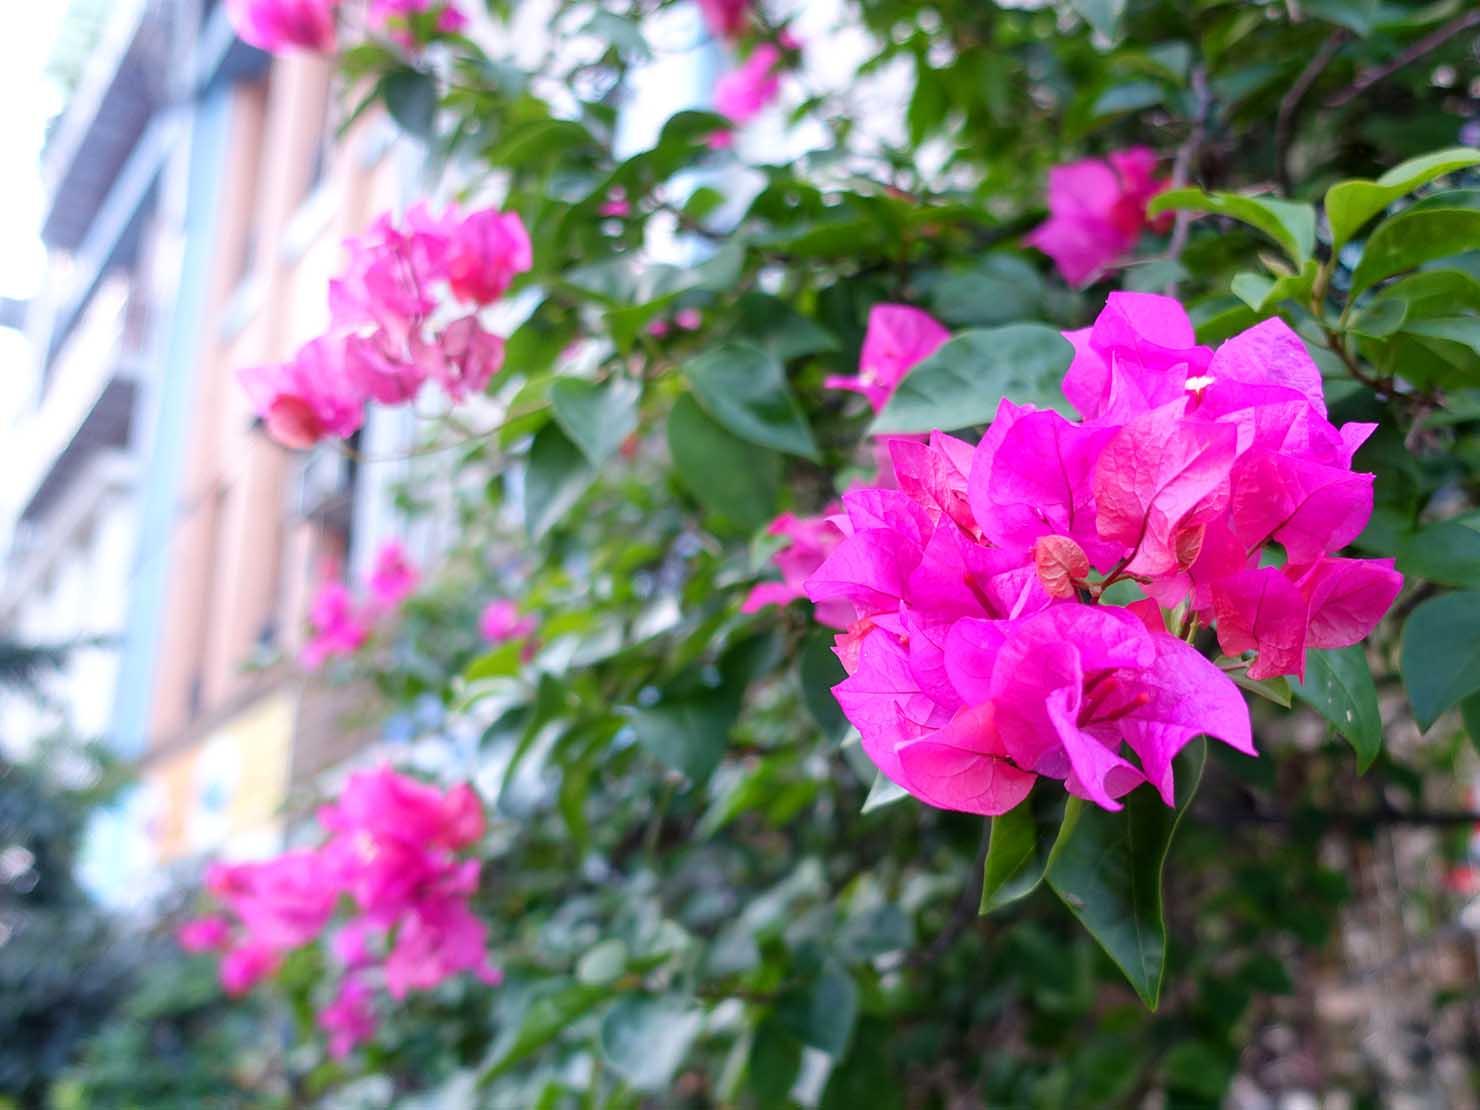 台湾でよく見かける植物「九重葛(ブーゲンビリア)」